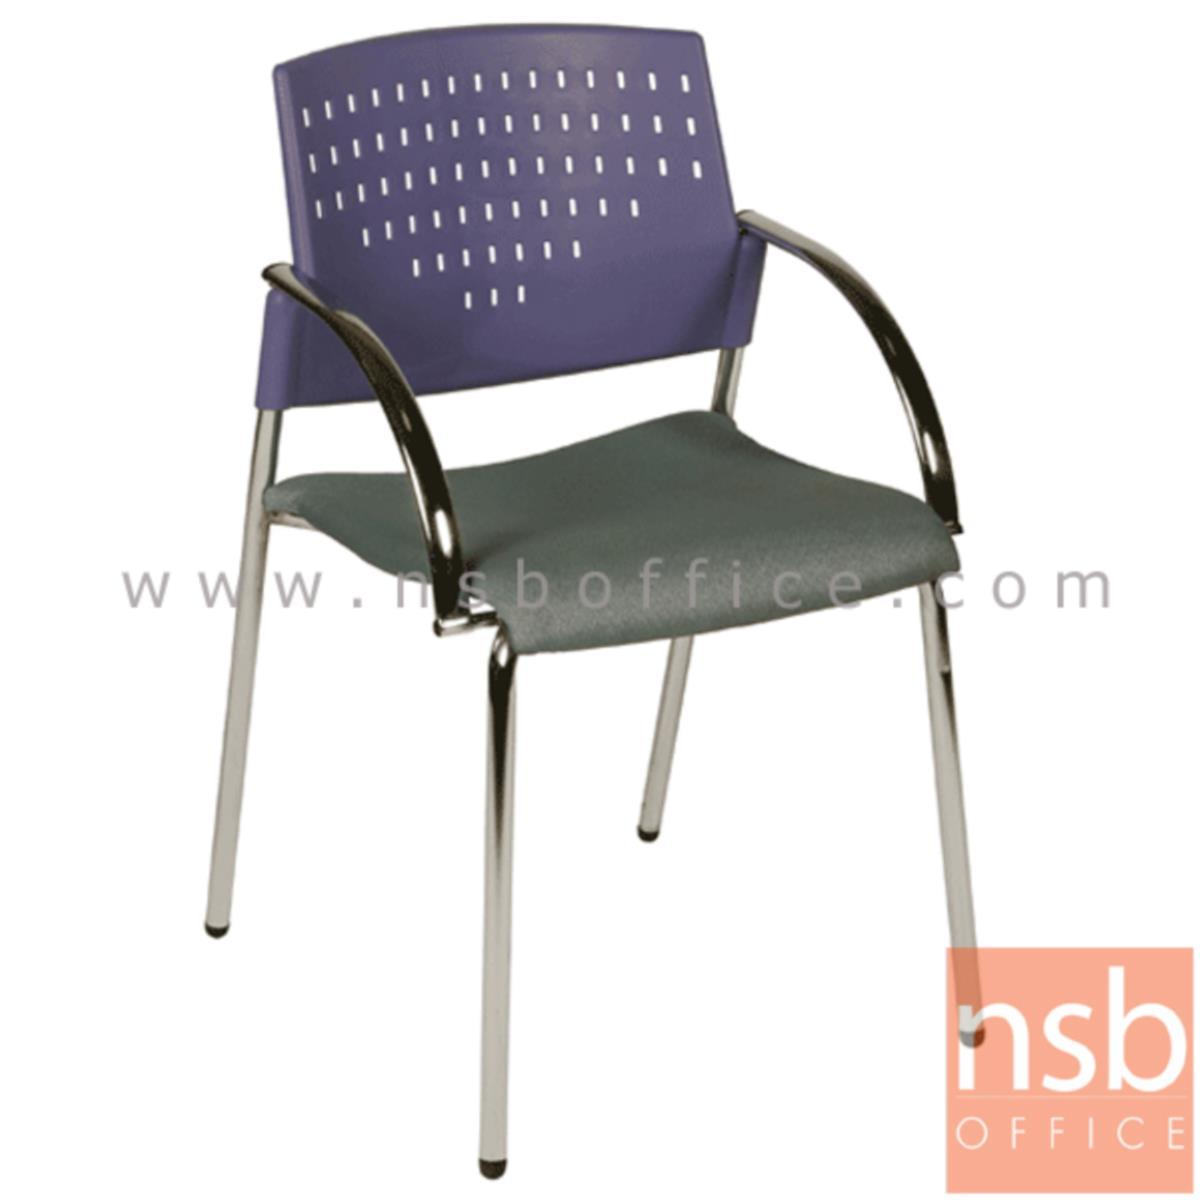 เก้าอี้อเนกประสงค์เฟรมโพลี่  รุ่น A4-51  ขาเหล็กชุบโครเมี่ยม